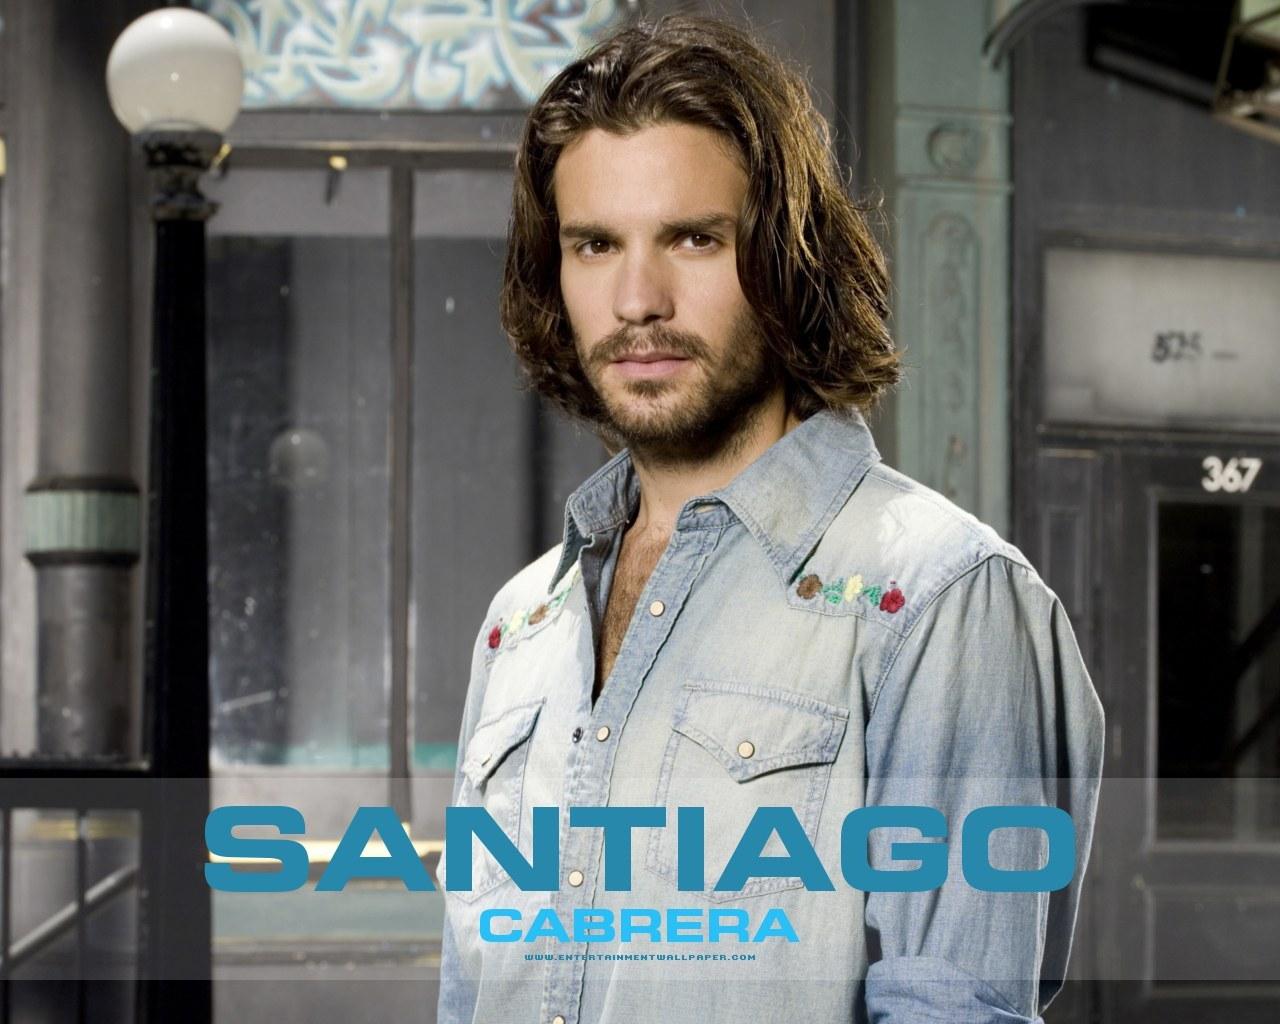 santiago cabrera fansite